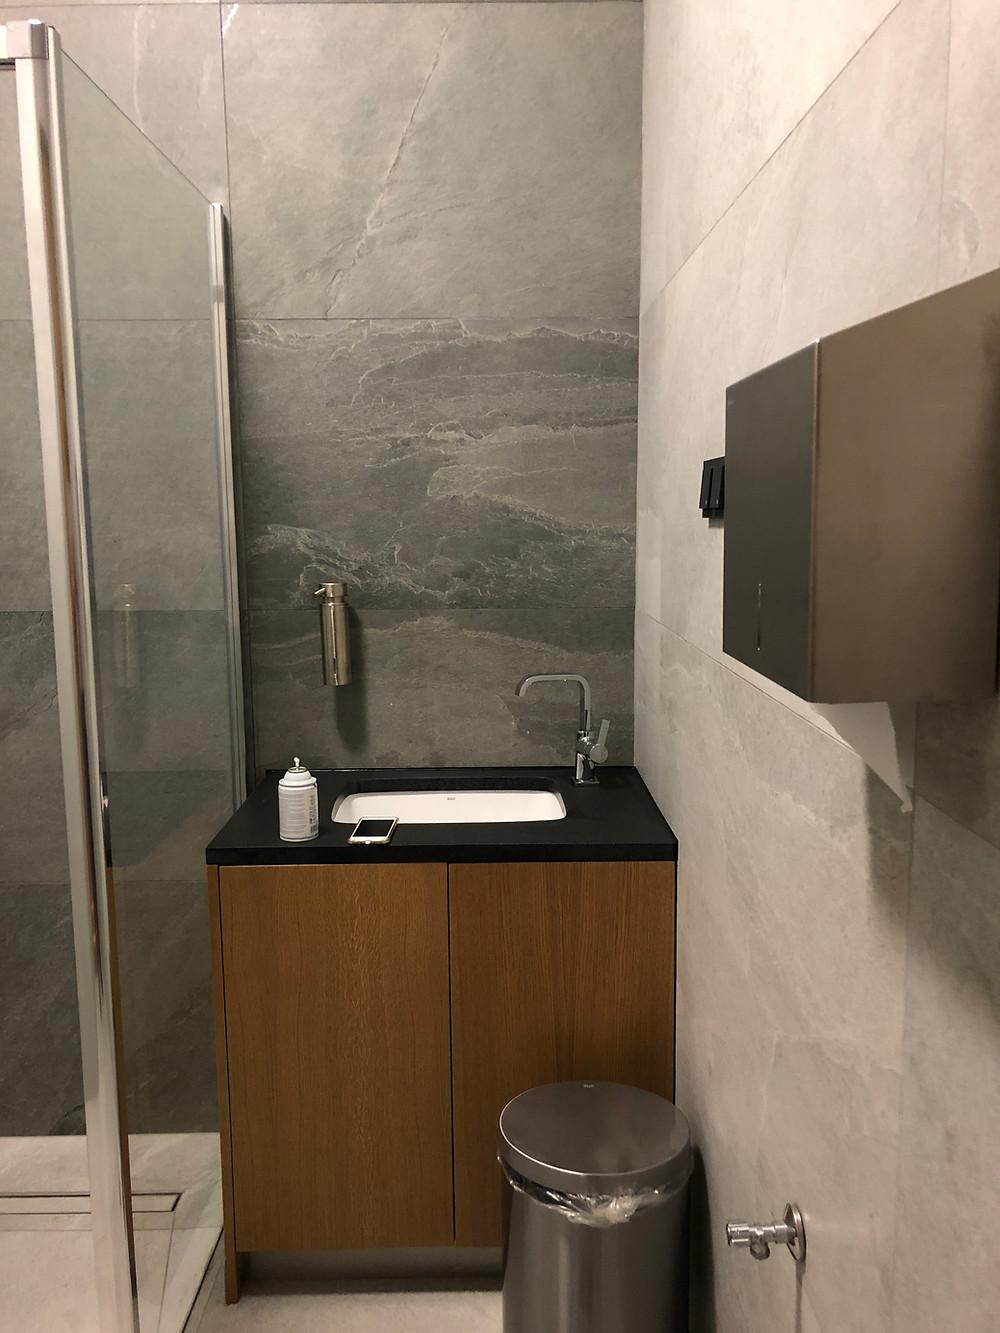 LOTポーランド航空 ビジネスクラスラウンジ トイレ